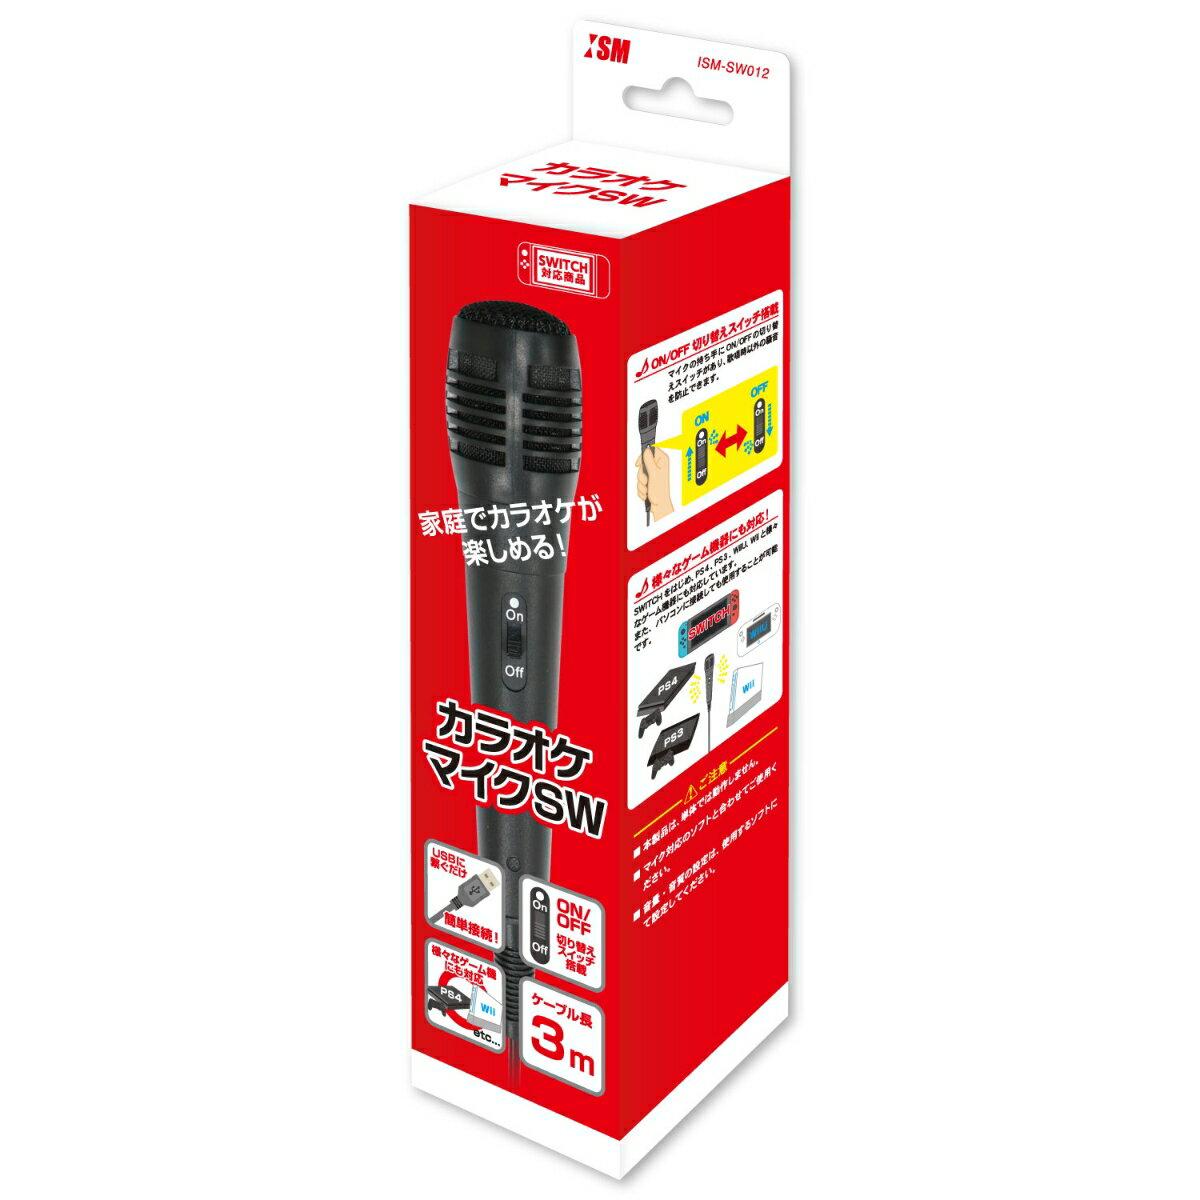 ニンテンドースイッチ用USBマイク『カラオケマイクSW』